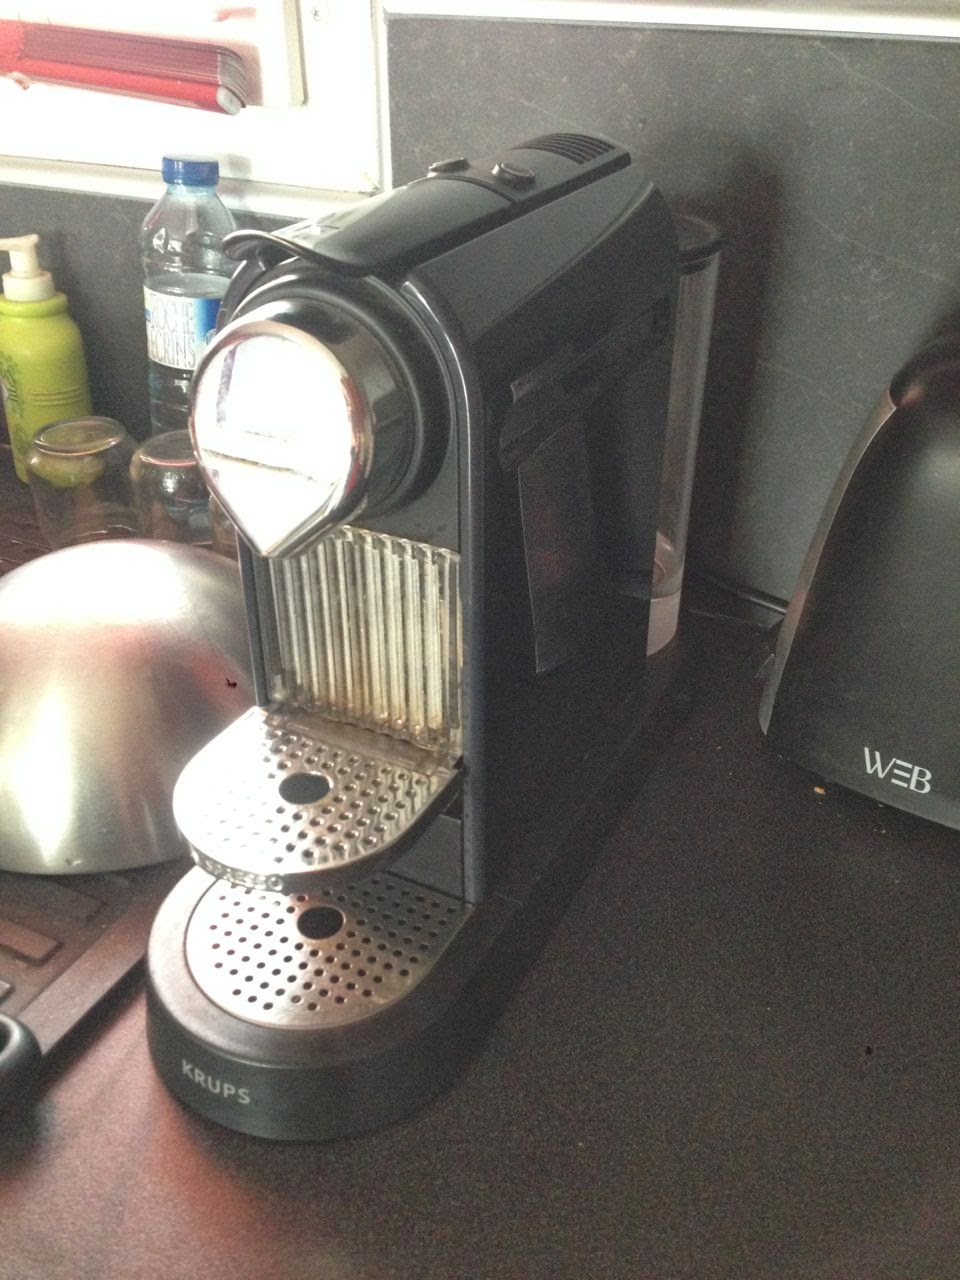 st phane seigneurin r parer une cafeti re nespresso citiz krups fuite d 39 eau xn 7005. Black Bedroom Furniture Sets. Home Design Ideas